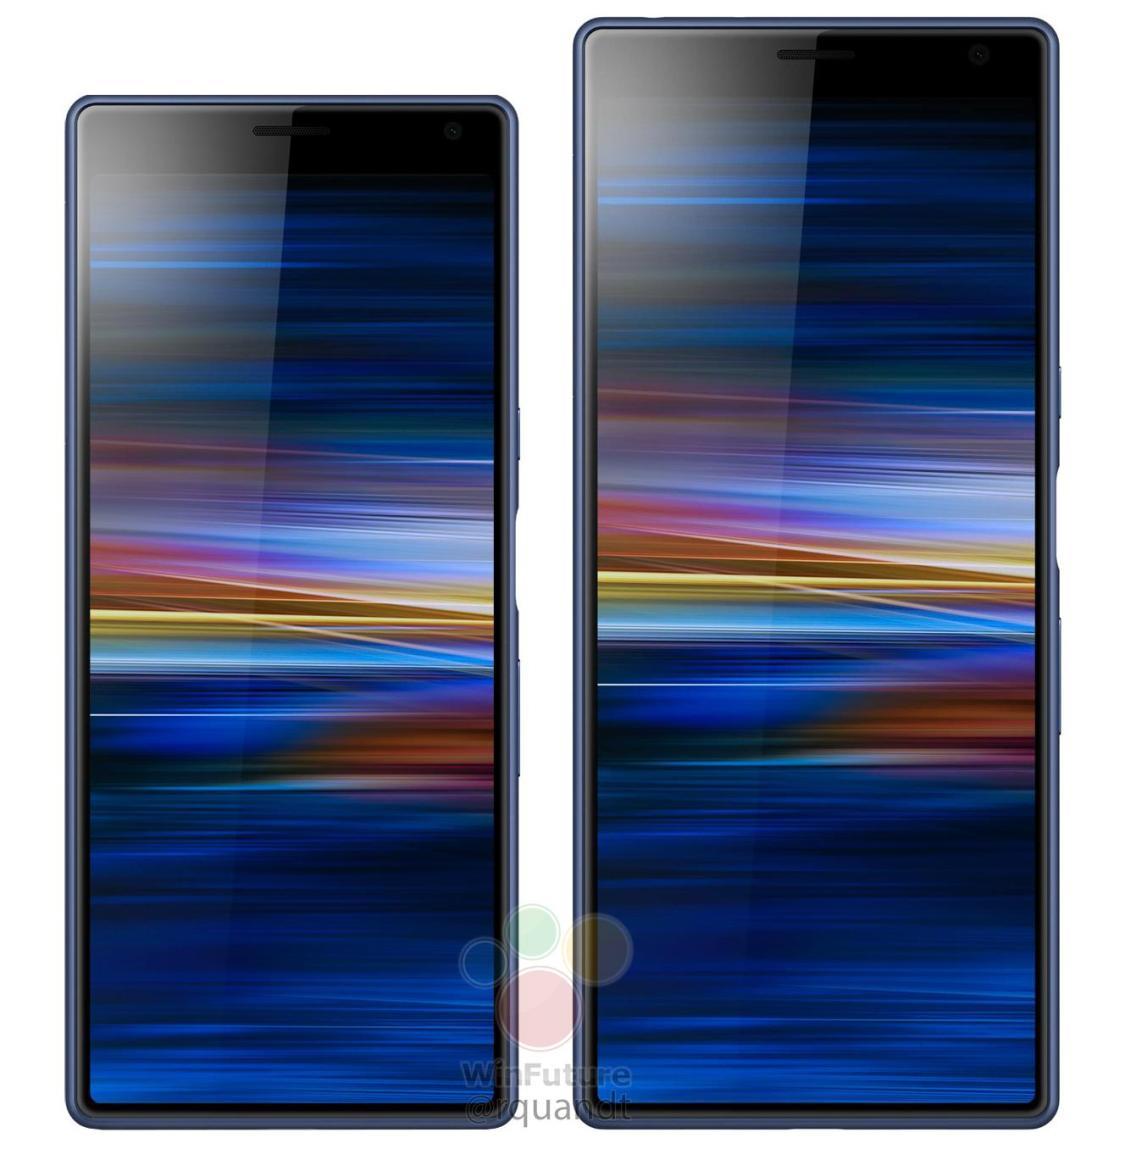 Xperia 10 Plus sägs få en 6,5 tumsskärm